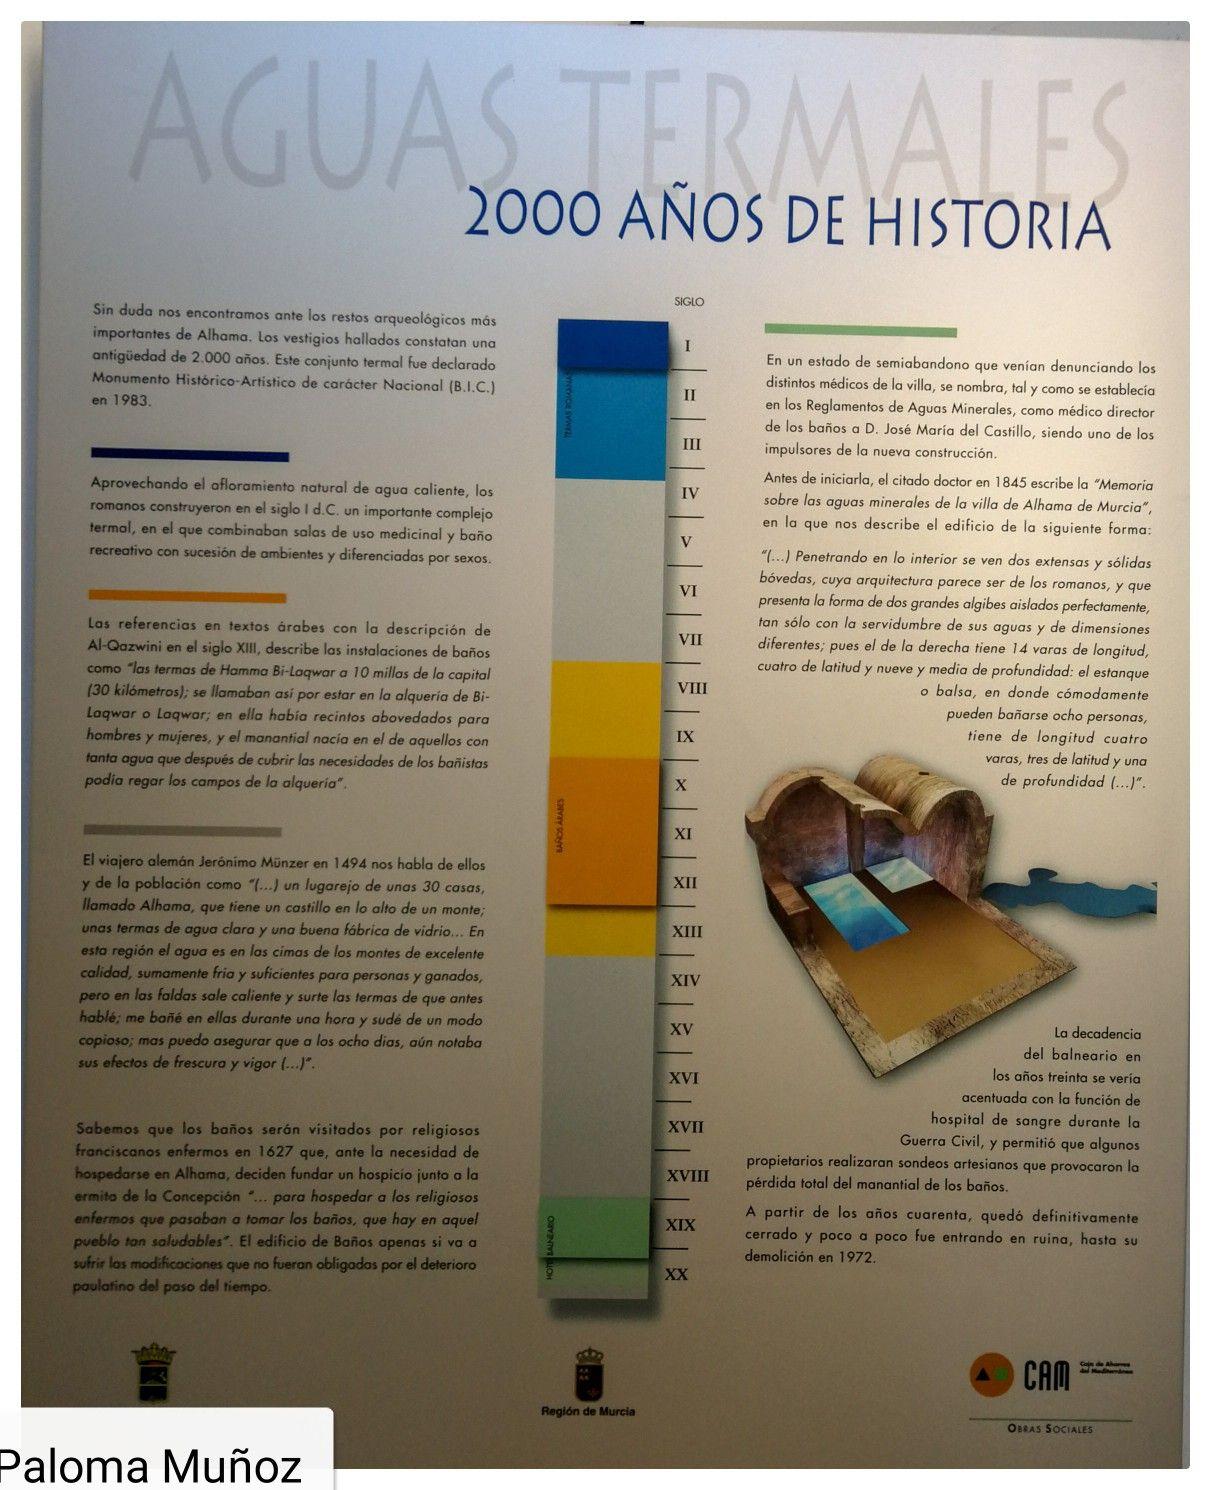 Aguas Termales Cartel Explicativo Museo Arqueológico De Alhama De Murcia Informative Poster Of Termal Wa Gabinetes De Curiosidades Aguas Termales Balneario